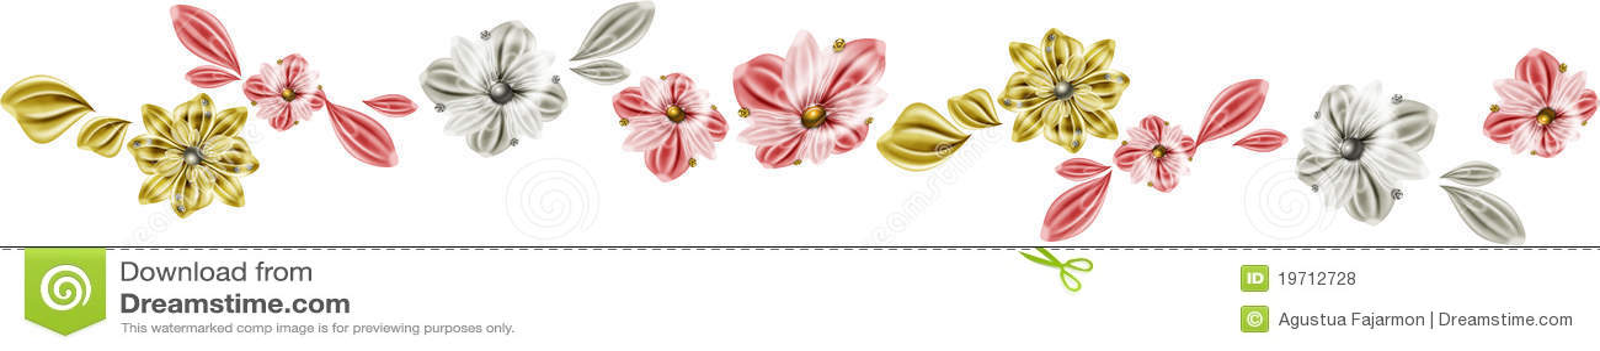 Ligne de fleurs photos libres de droits image 19712728 for Ligne de fleurs